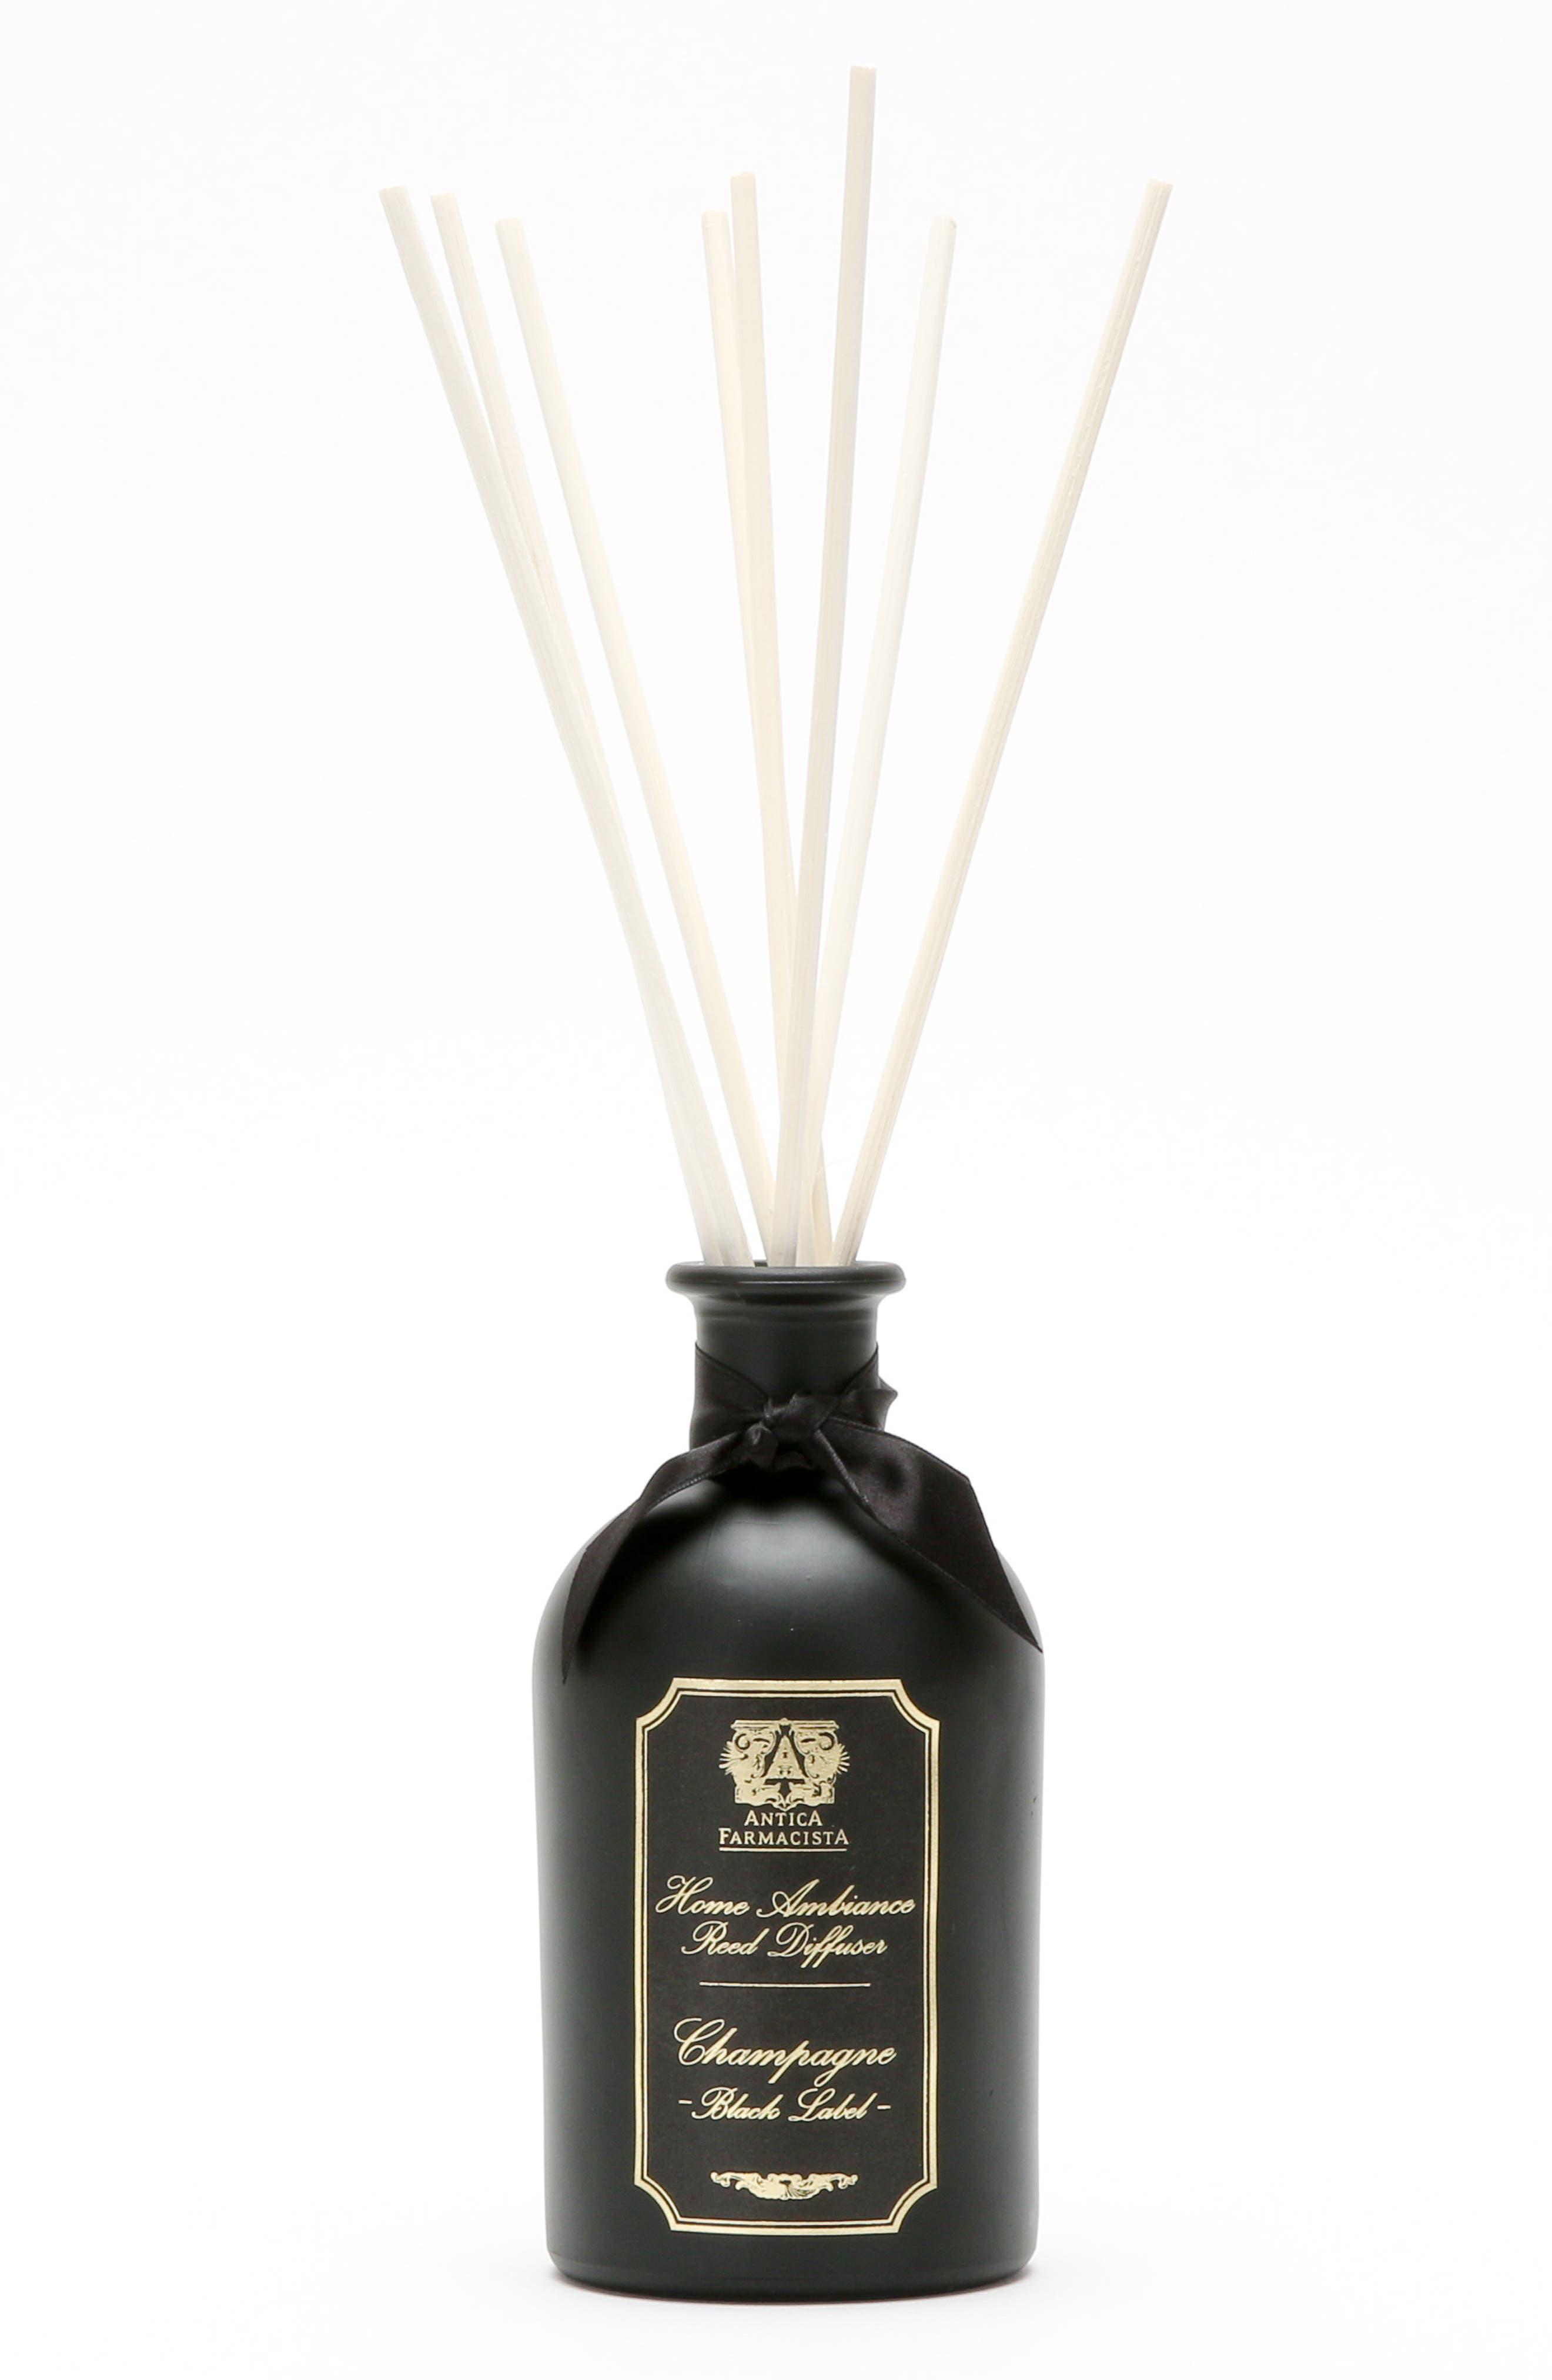 ANTICA FARMACISTA Black Label - Champagne Home Ambiance Perfume, Main, color, 000